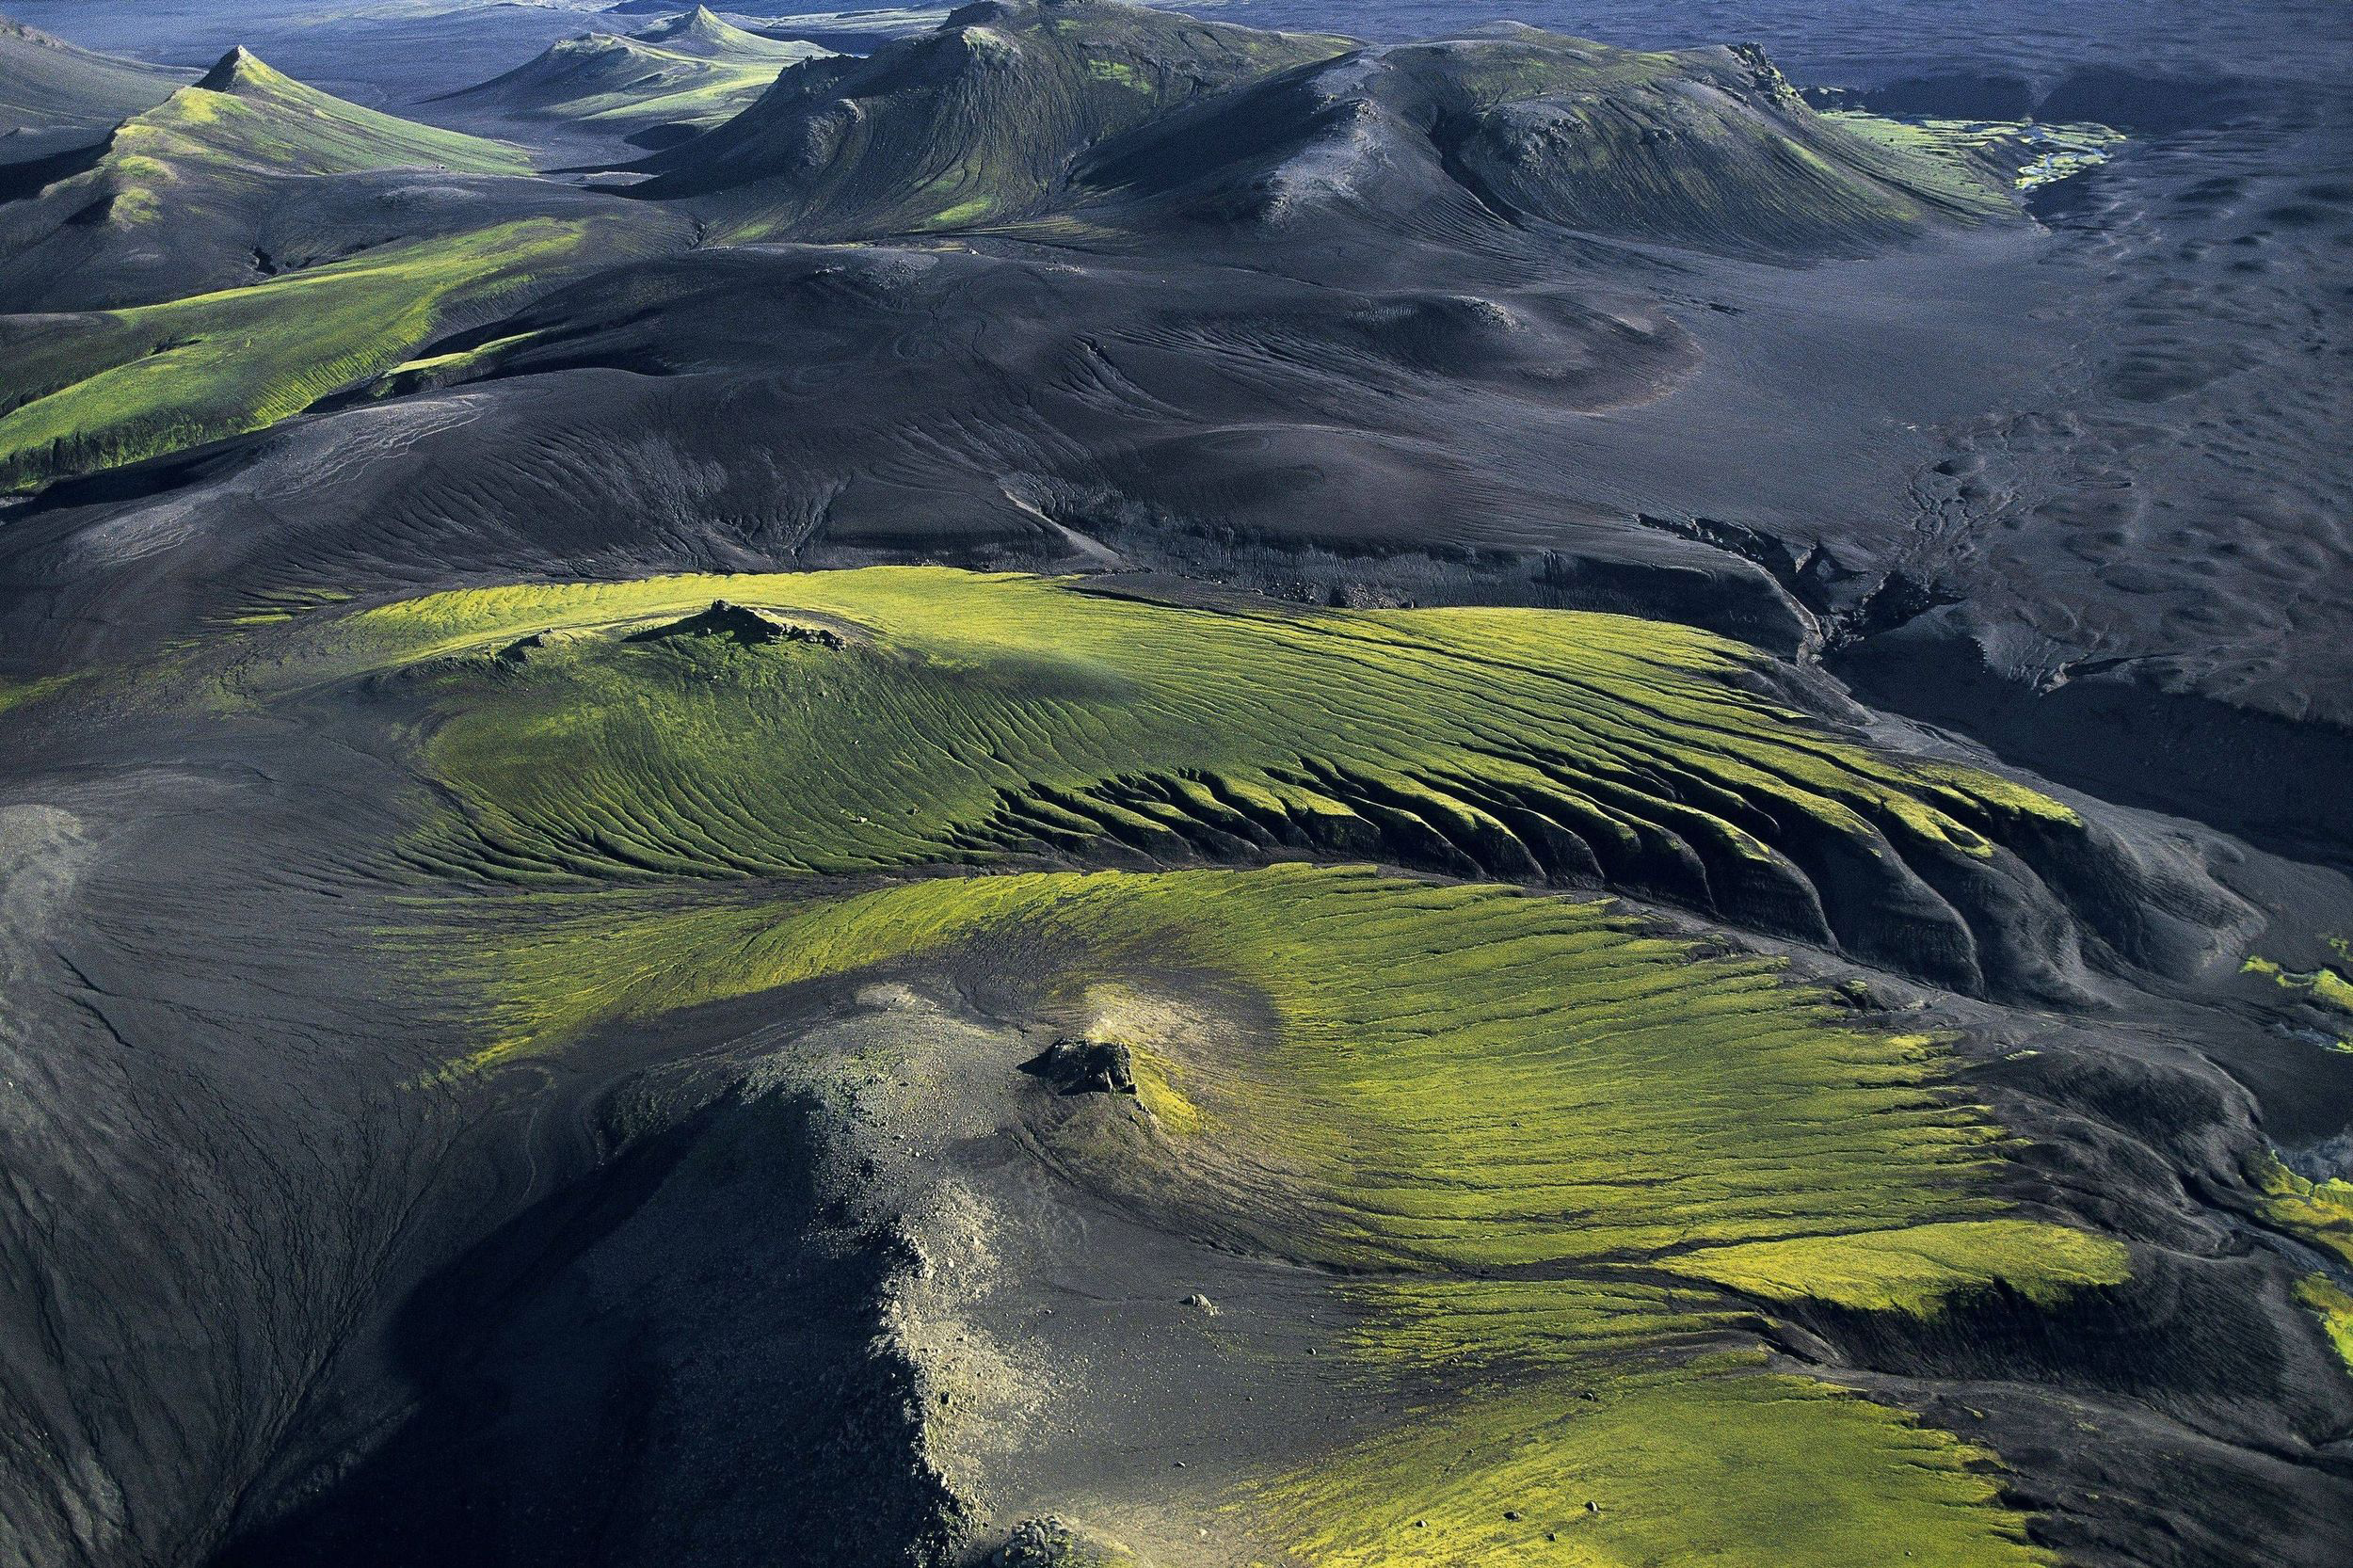 Paysage montagneux de l'Islande.